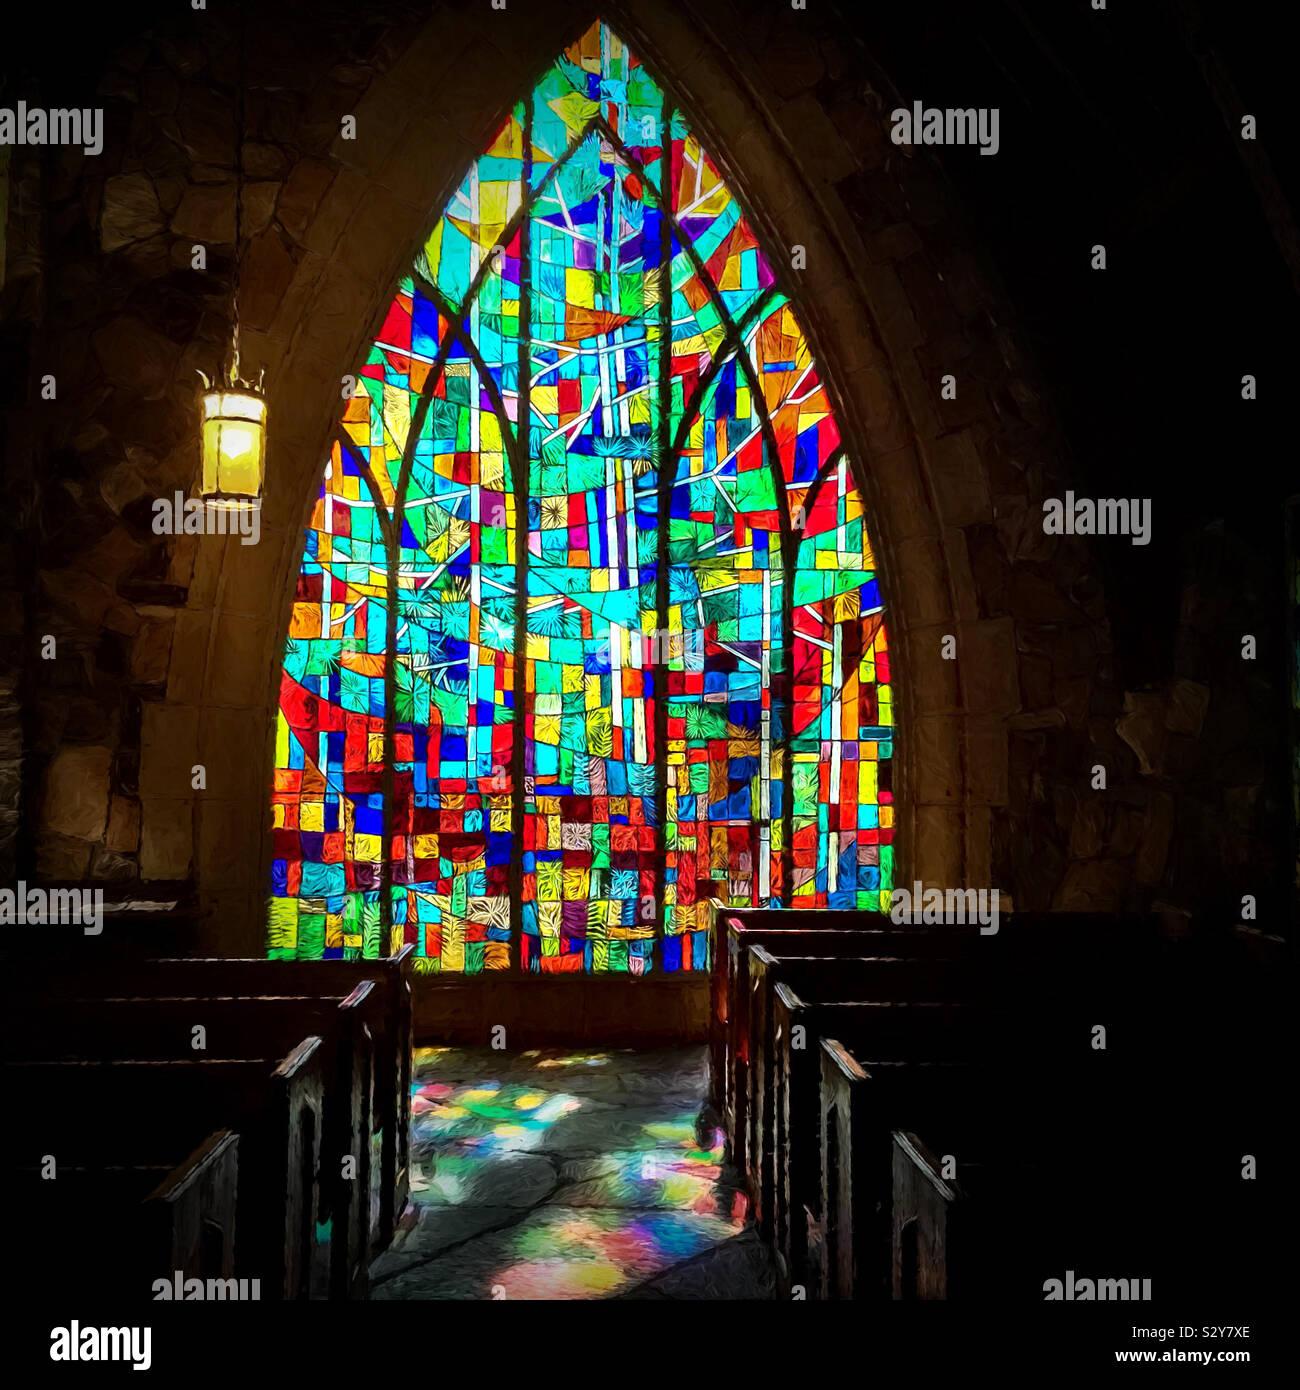 Finestra di vetro colorato e di riflessione all'interno di una vecchia chiesa con trama effetti artistici. Foto Stock